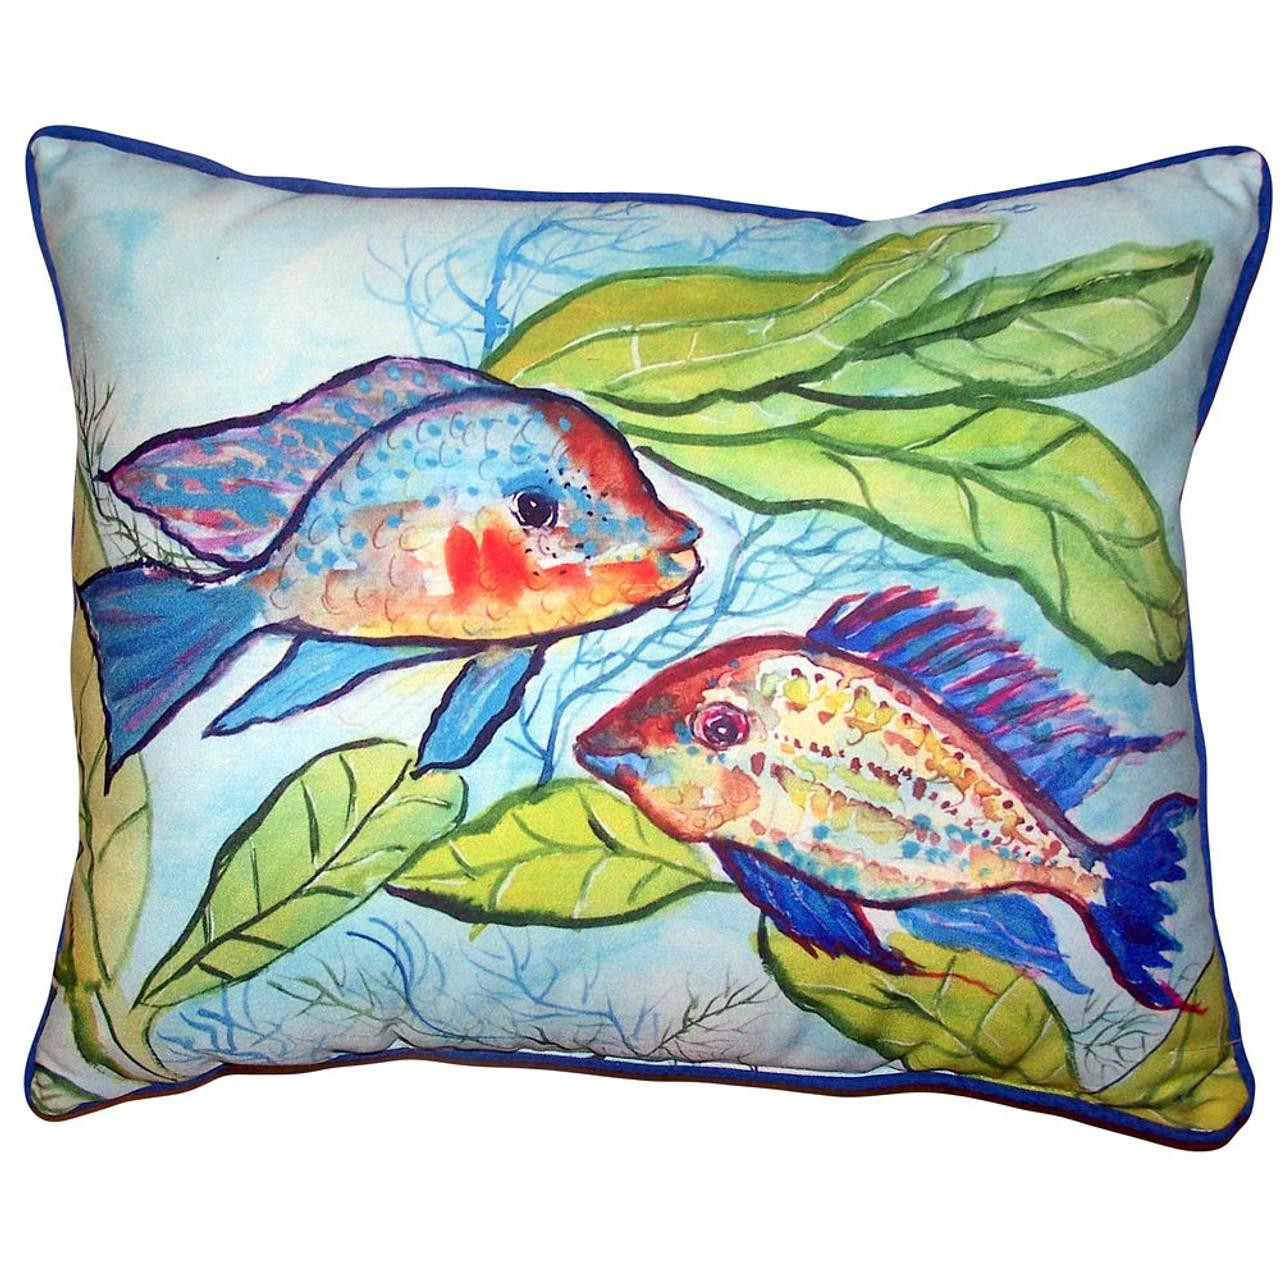 Pair of Fish Pillows